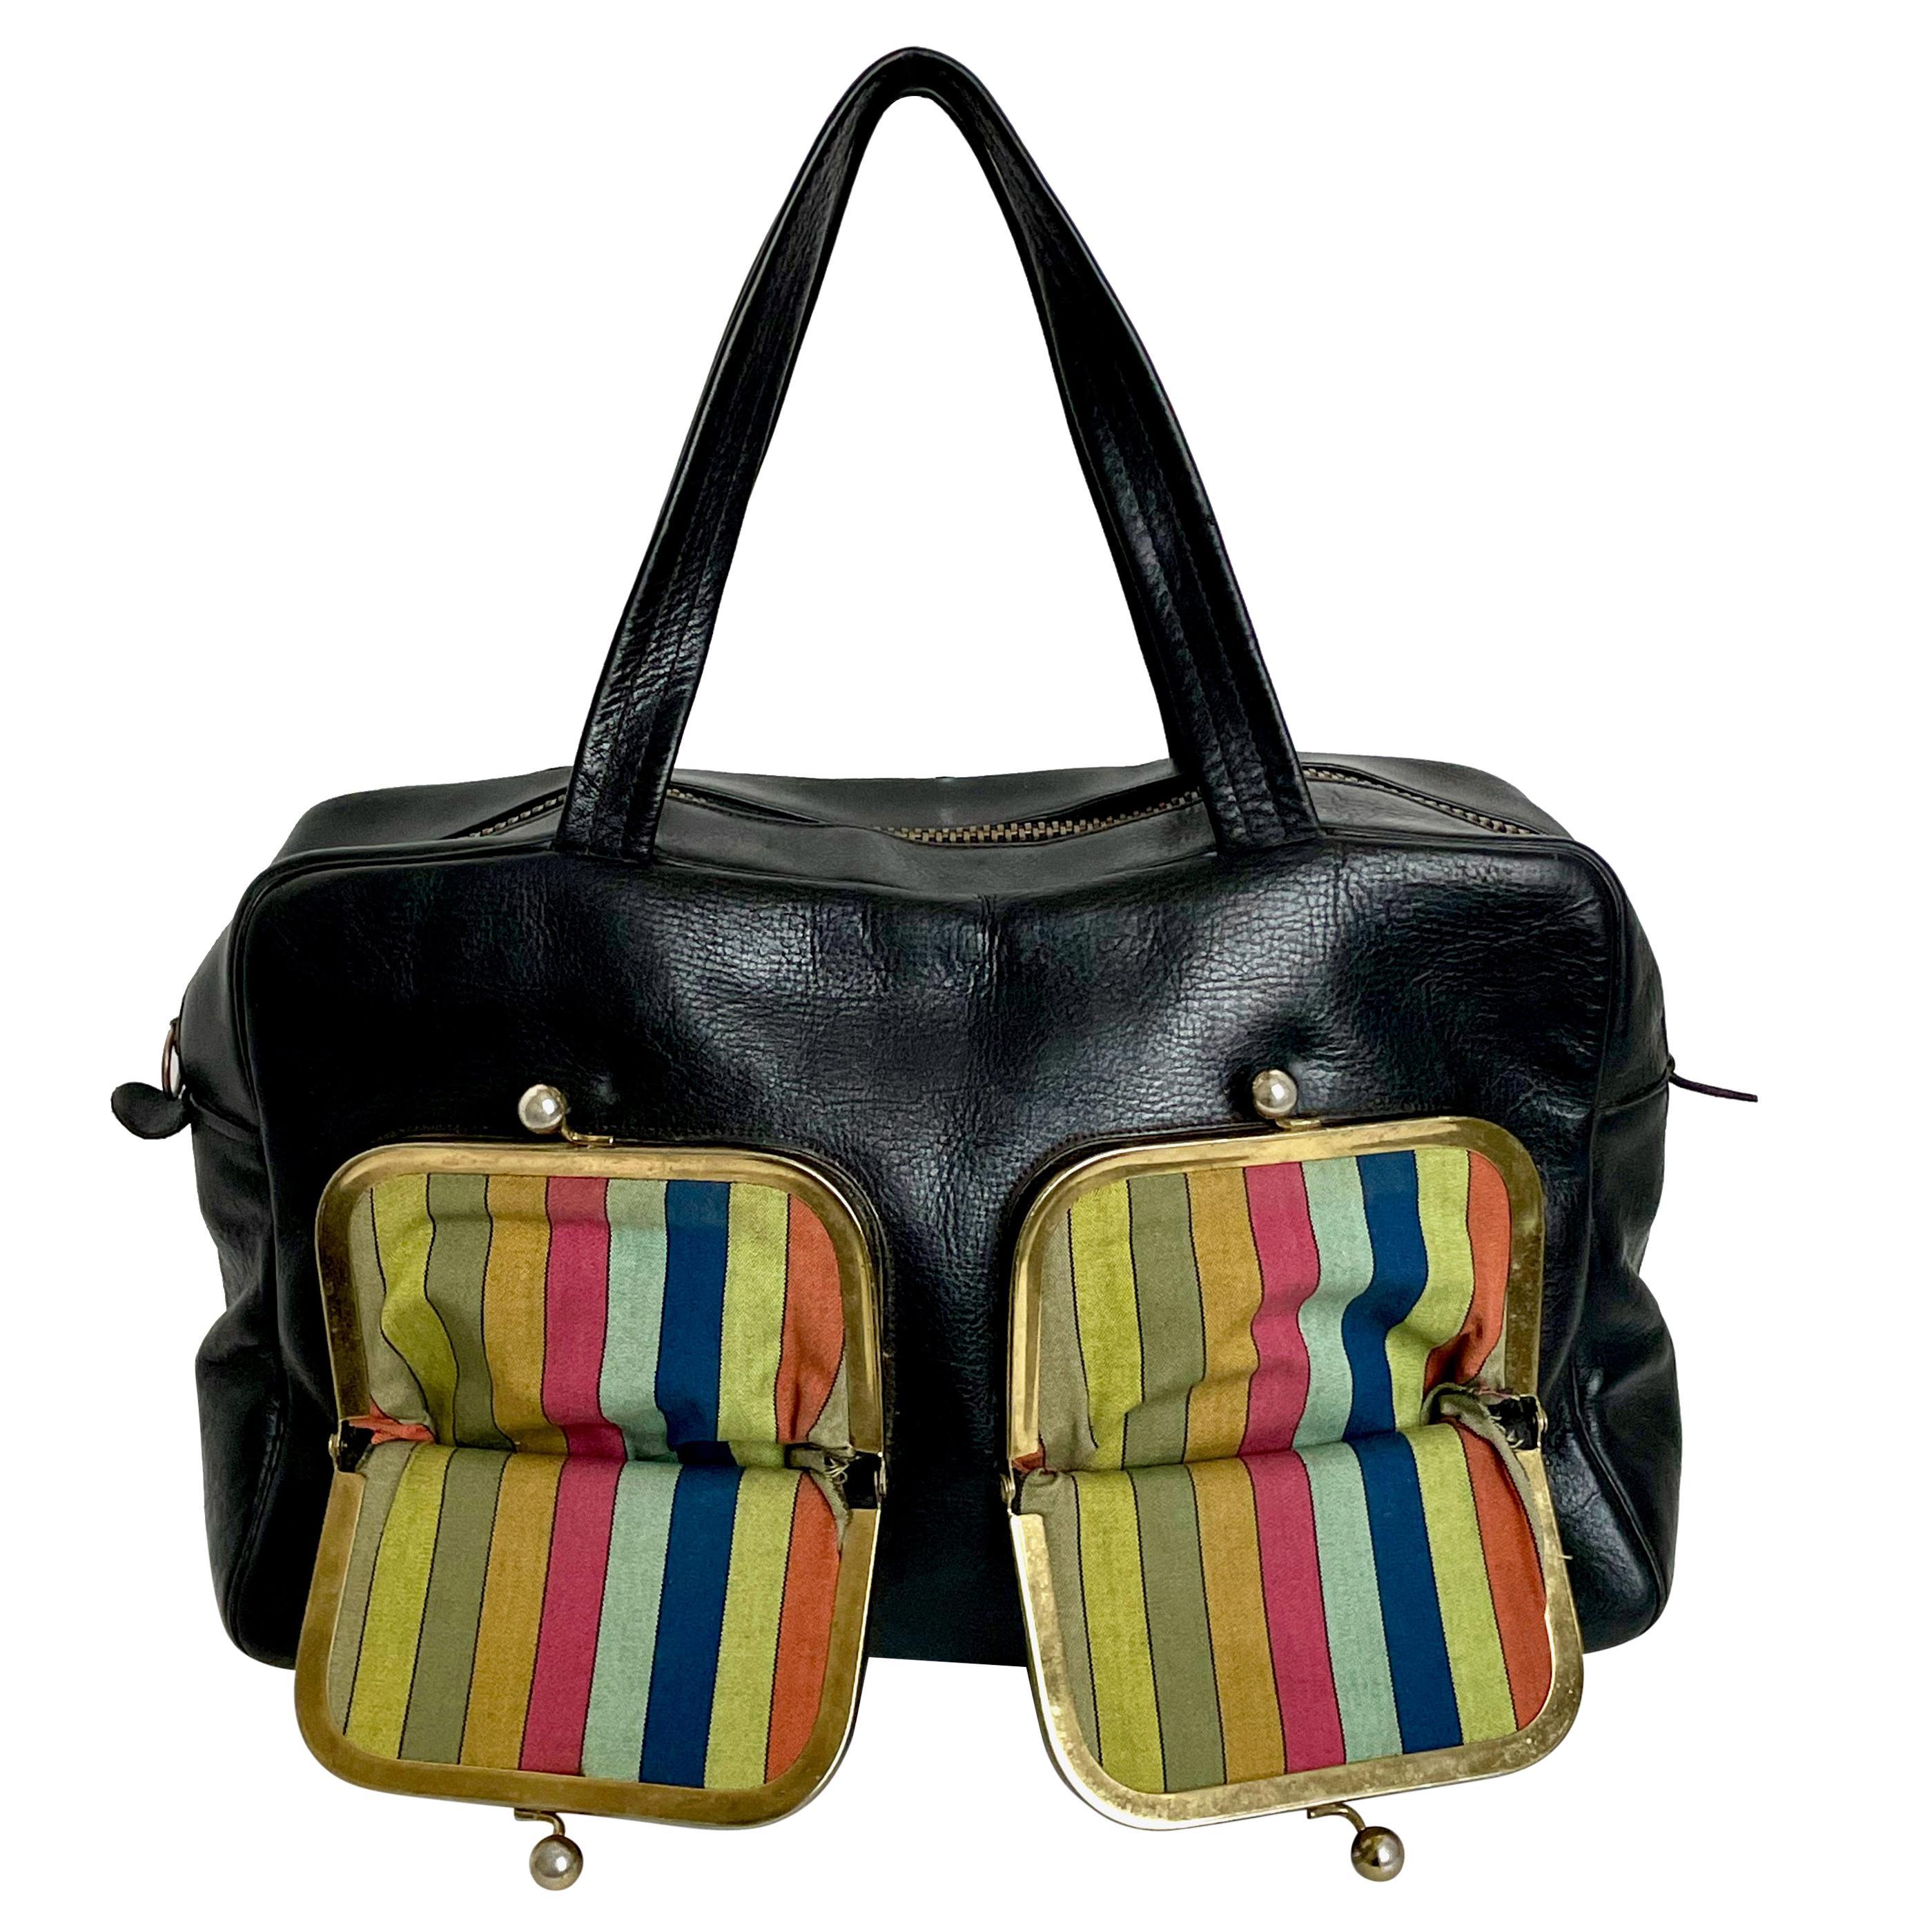 Bonnie Cashin for Coach Bag Double Pocket Duffel Rare Black Leather Vintage 60s